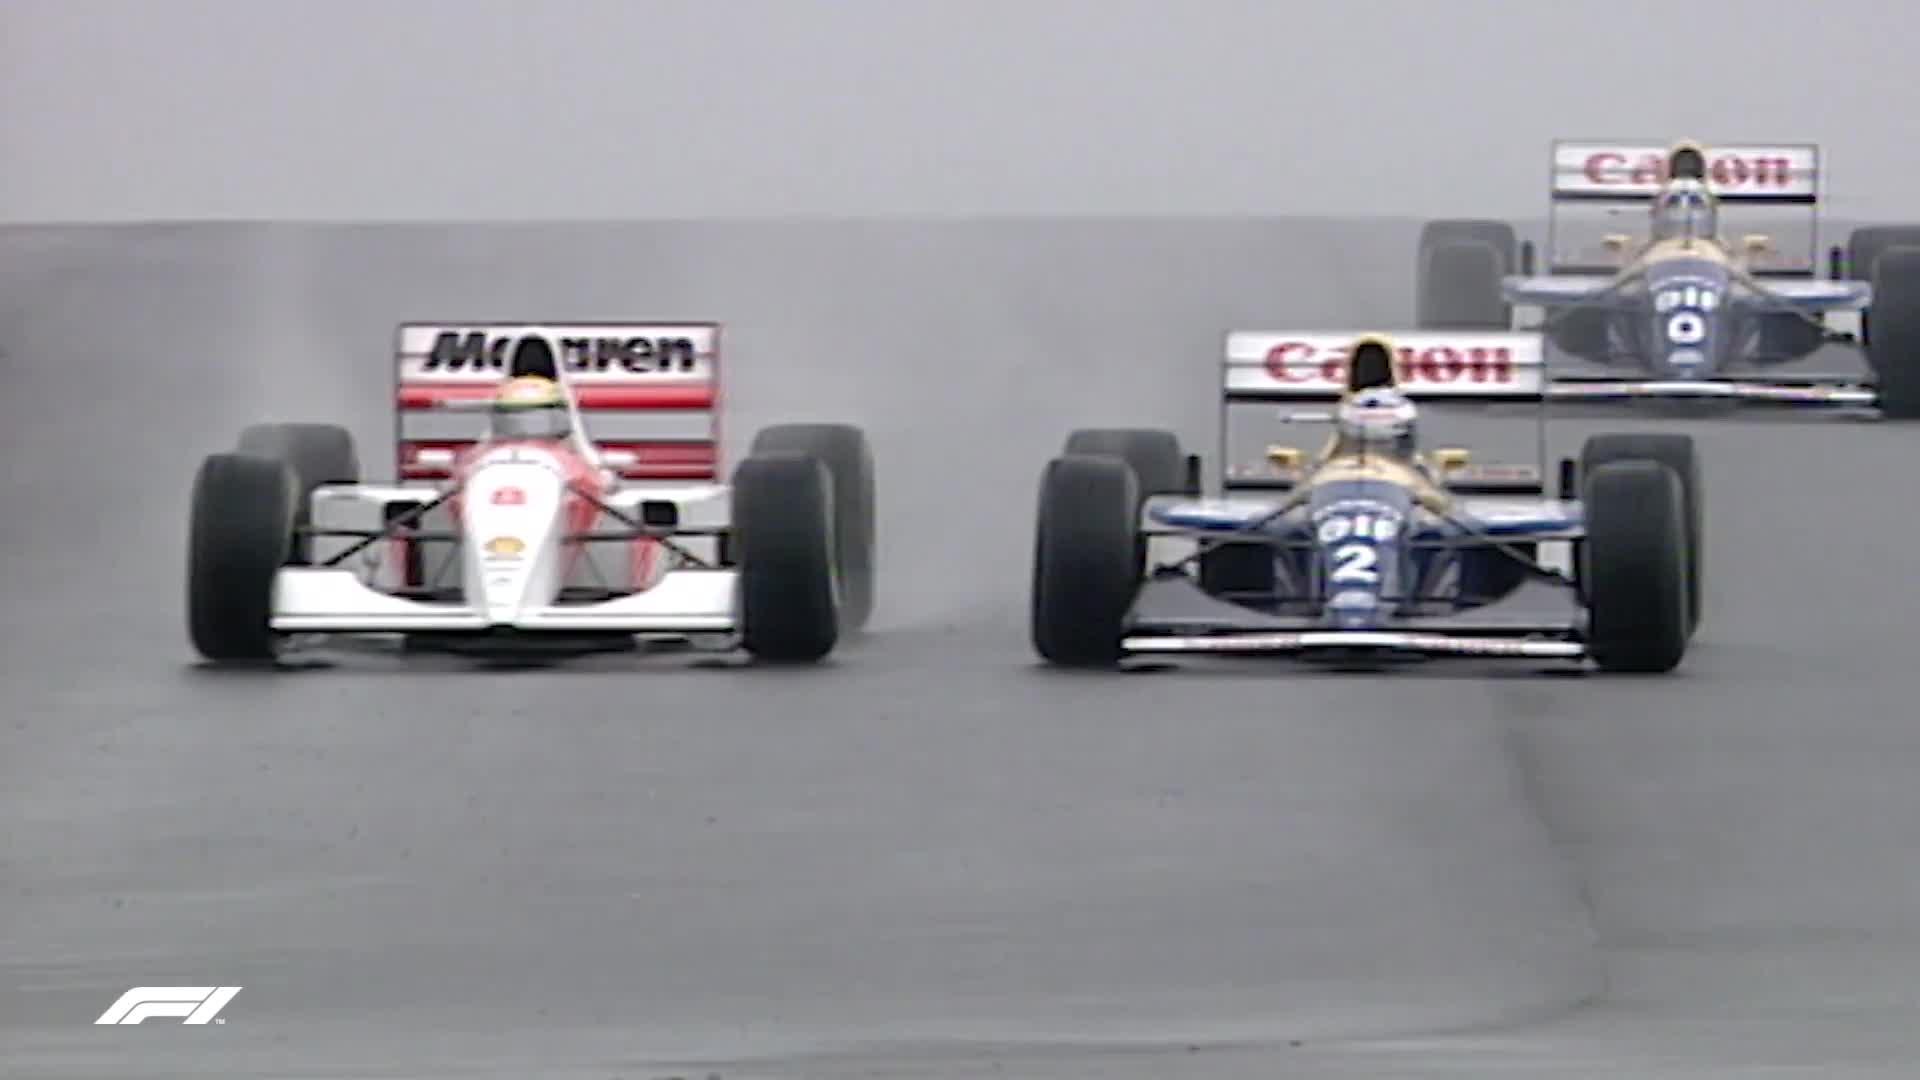 Senna at 60: 60 seconds of Senna magic